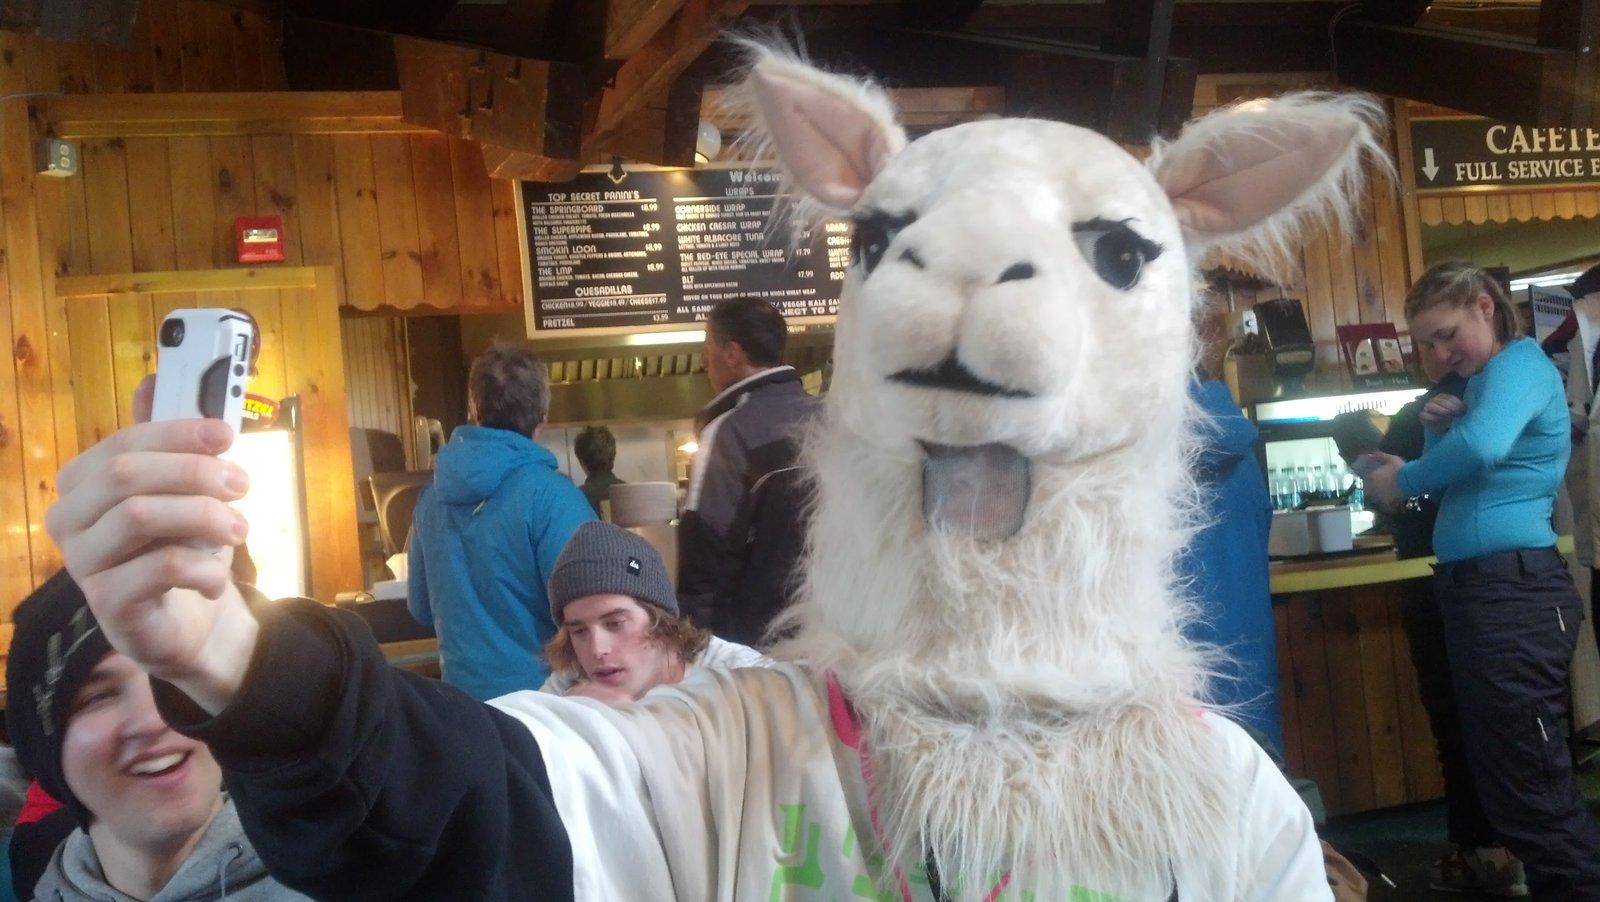 Llama taking a selfie